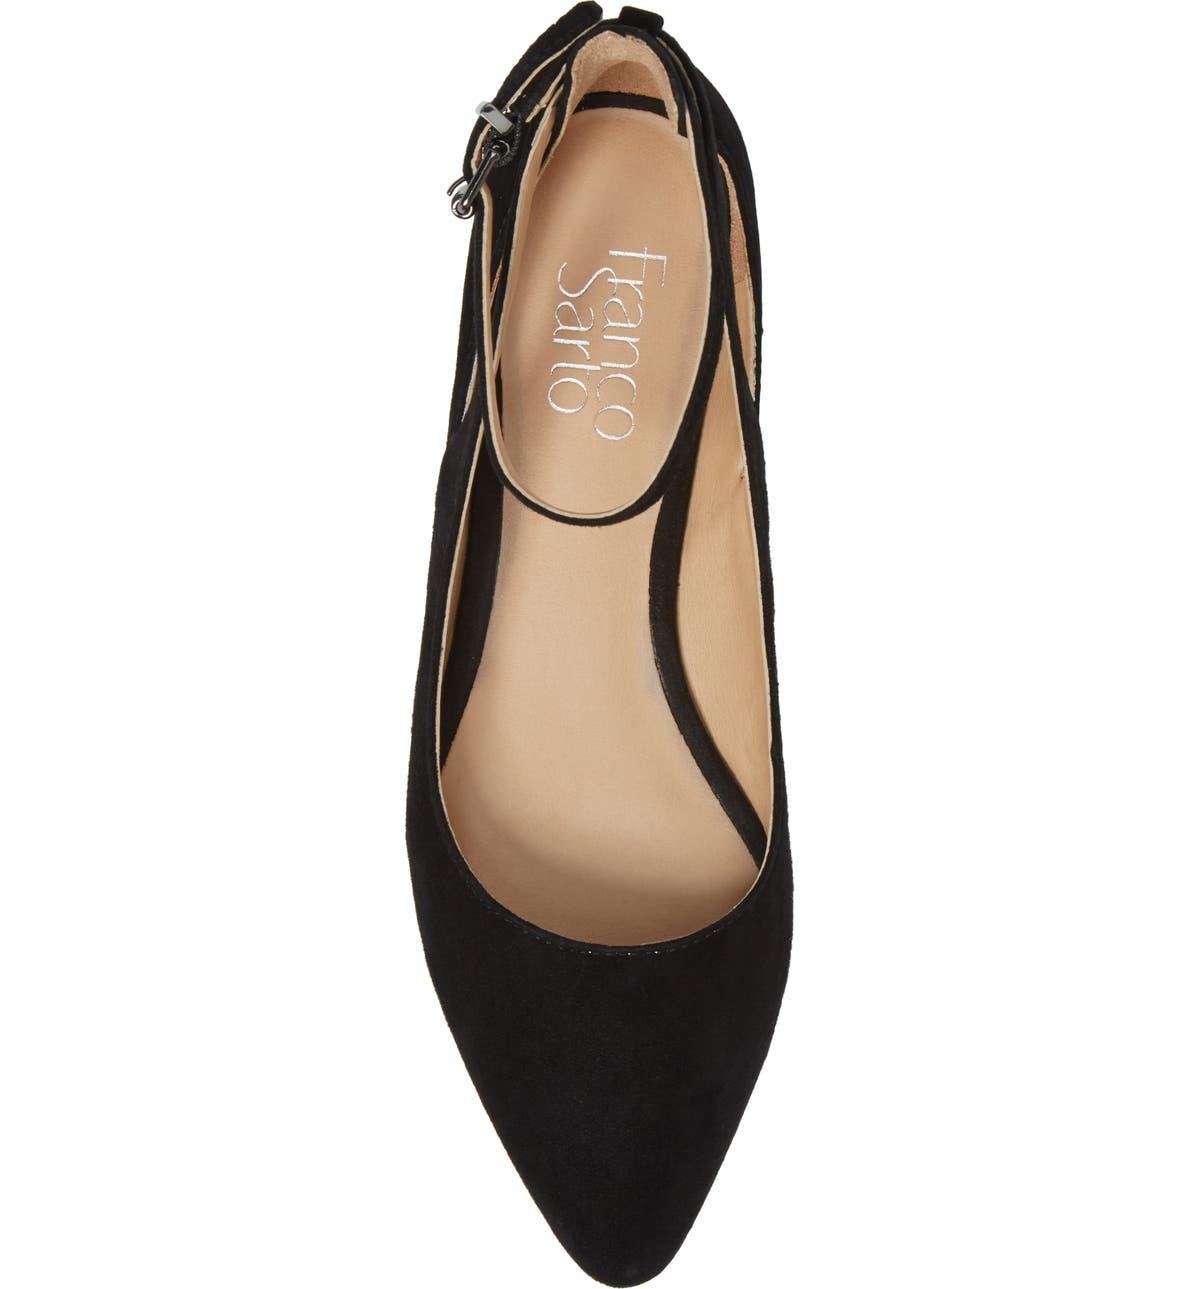 d5e0b7d753d Sylvia Ankle Strap Flat